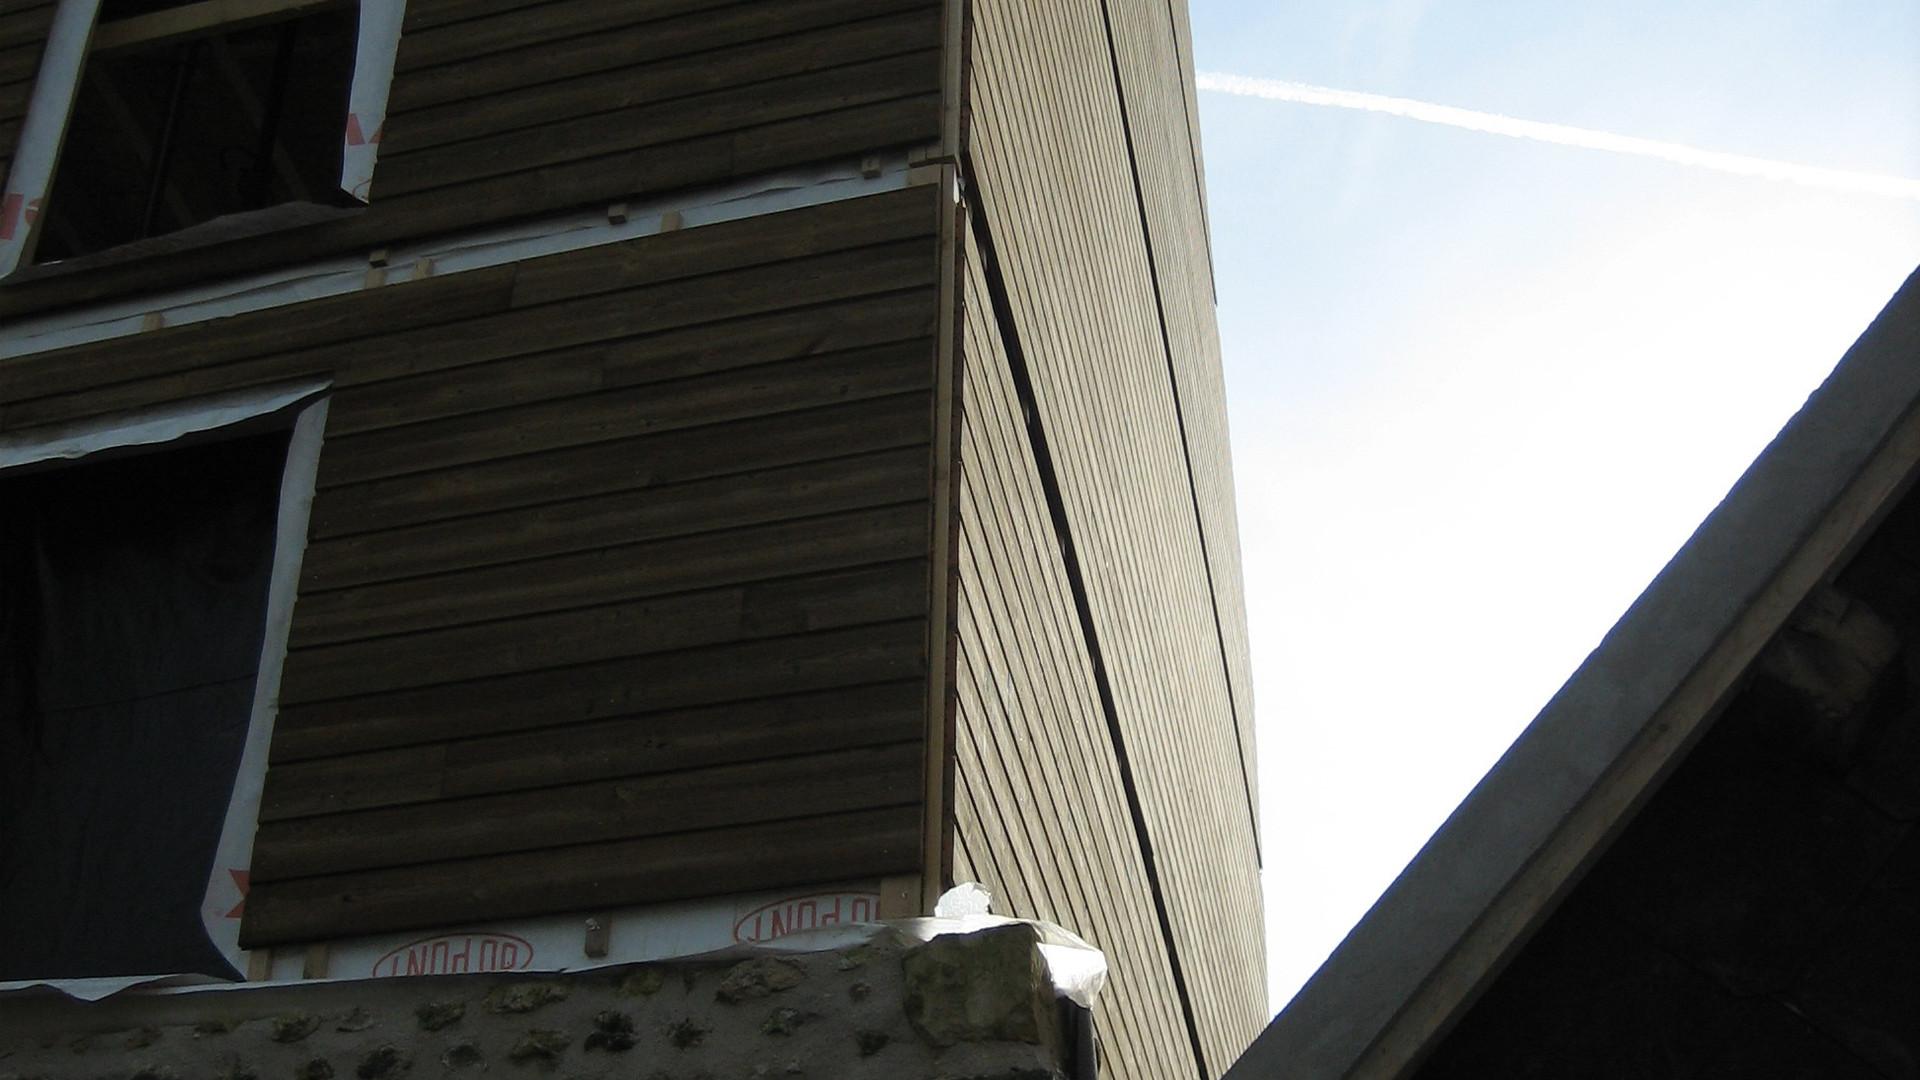 Reflets du soleil sur le bois